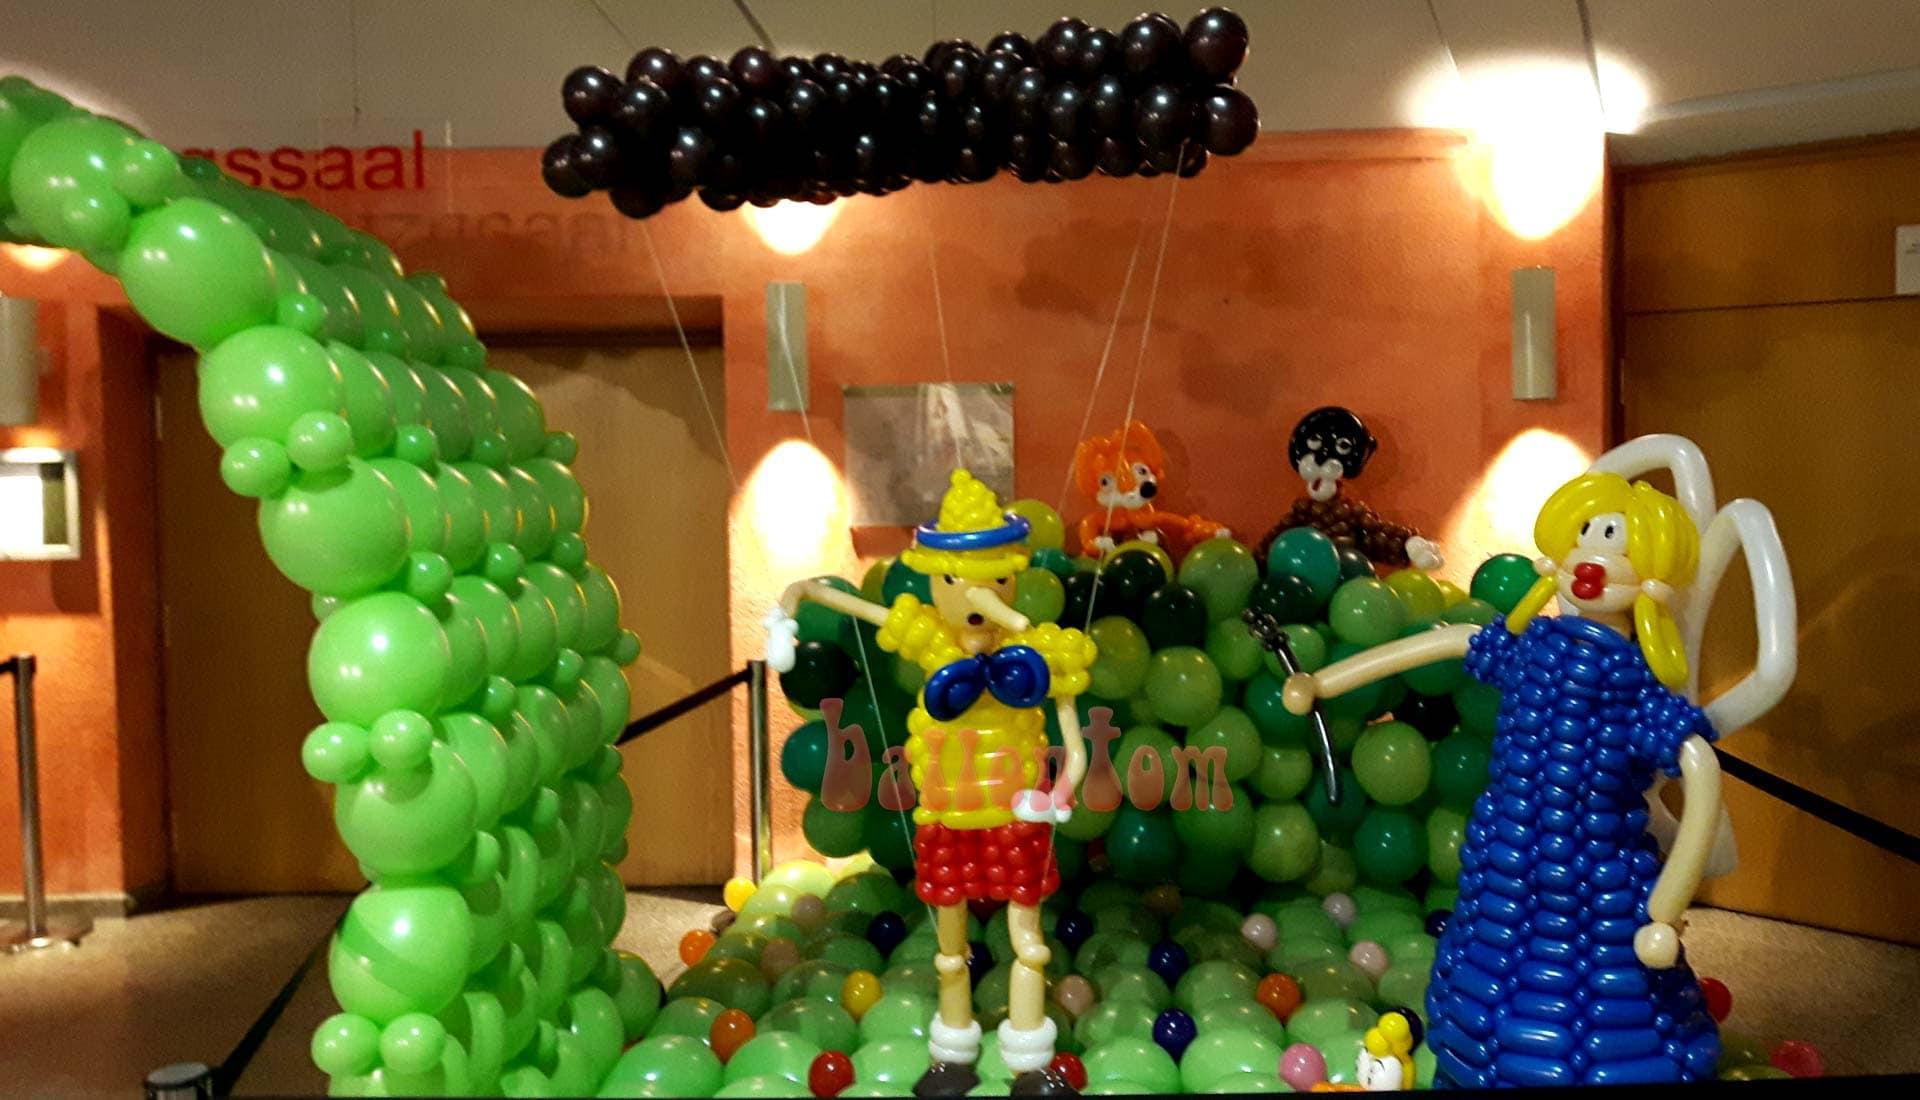 Ballonwelt zur Kinderoper Pinocchio in Unterschleißheim Nähe München - Bild: Pinocchio, Gute Fee und die Bösewichter